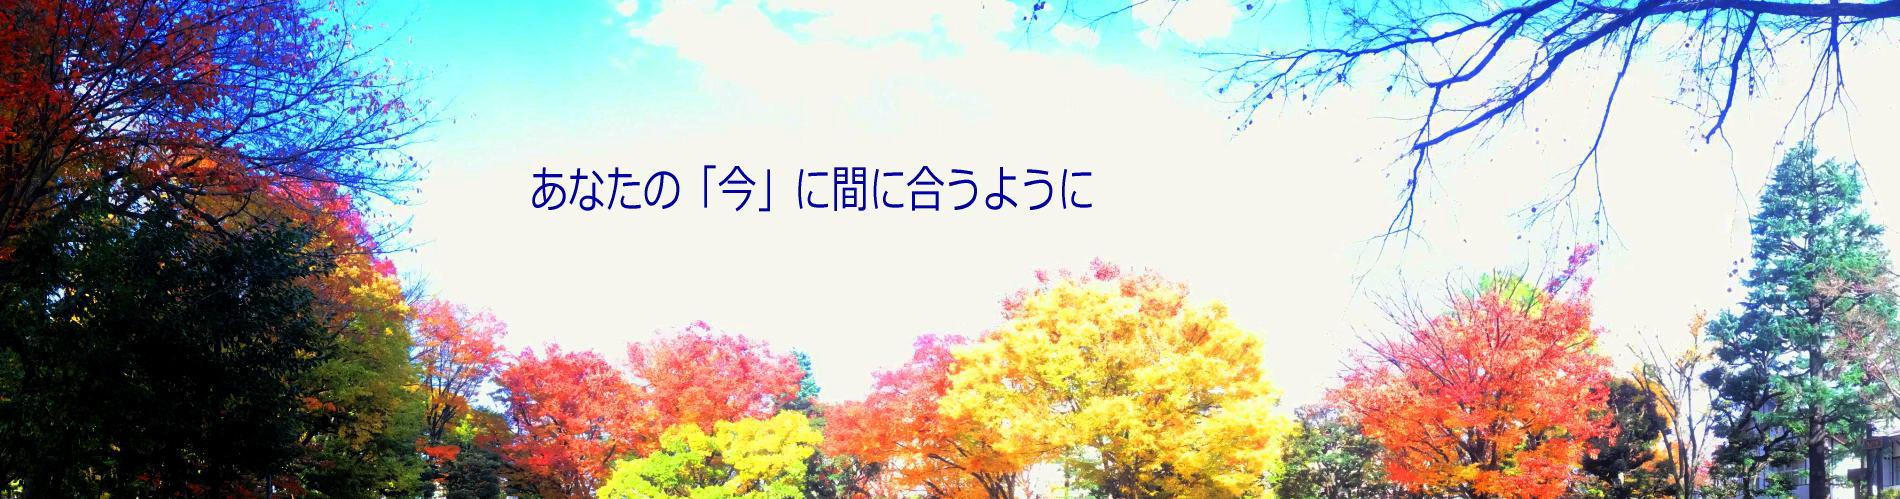 文京区議会議員 海津敦子/かいづあつこ